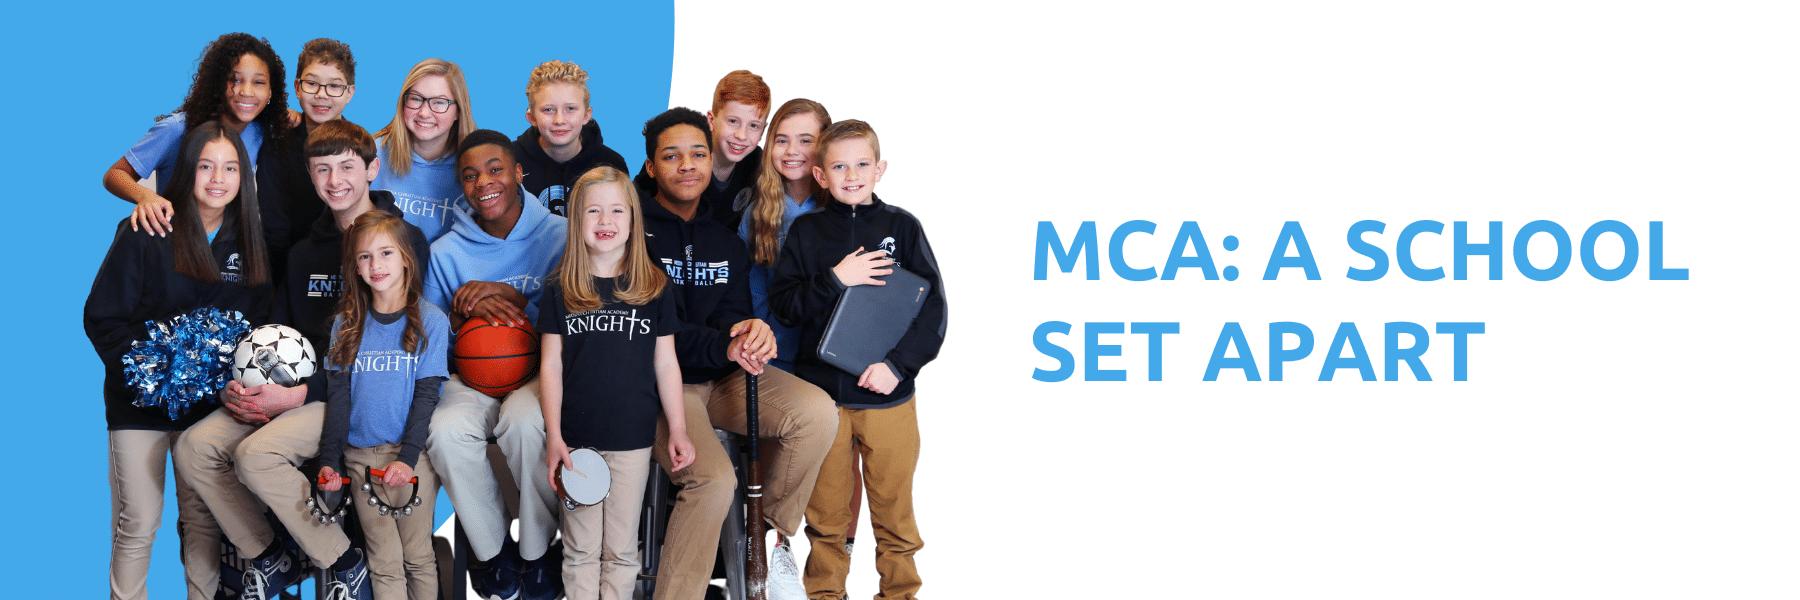 MCA: a school set apart